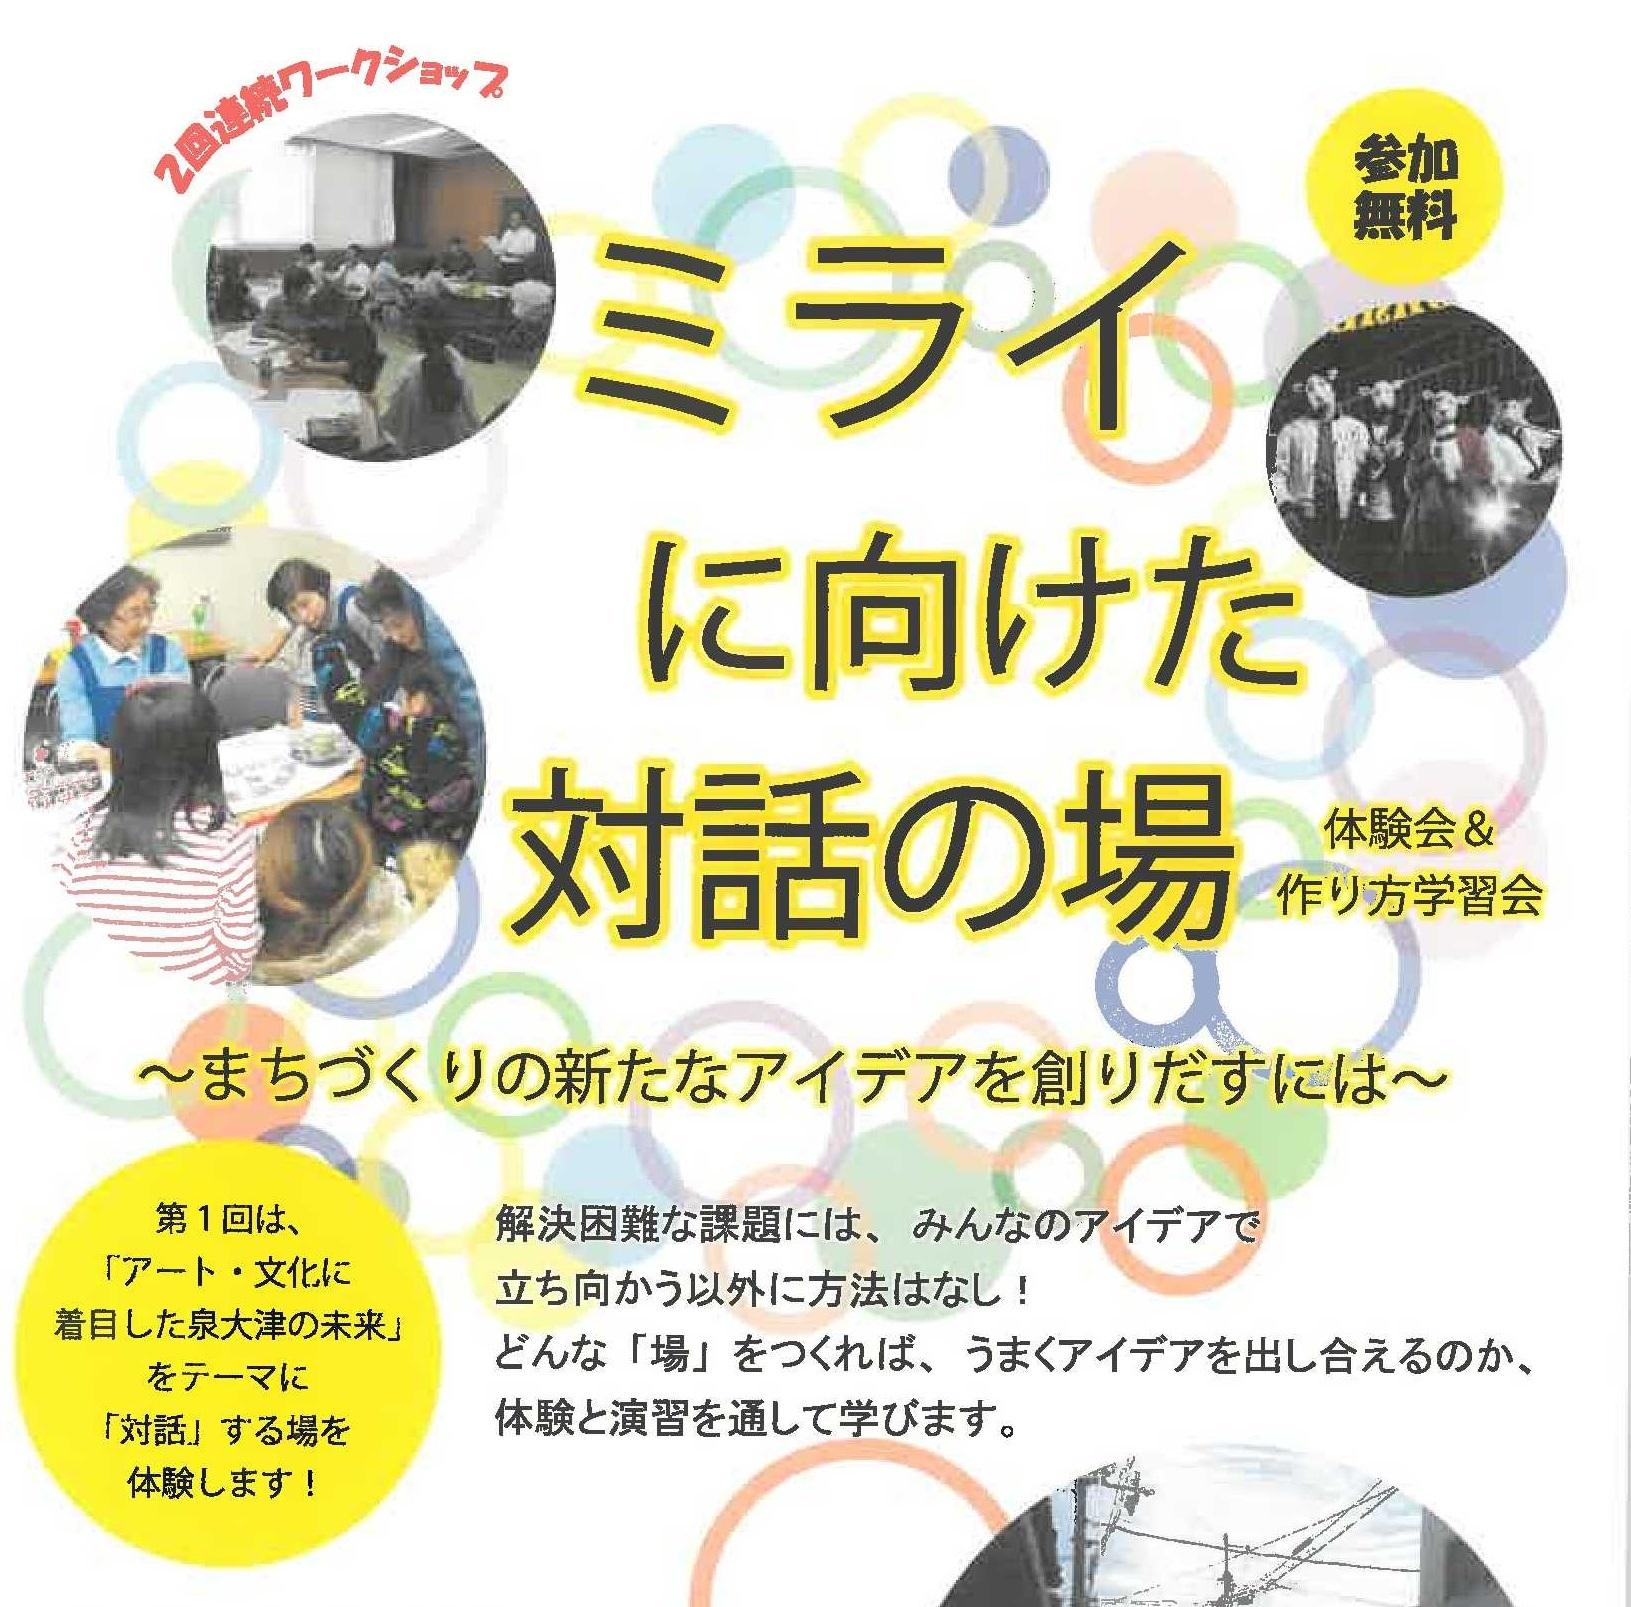 泉大津市 ミライに向けた対話の場(2回連続ワークショップ)~まちづくりの新たなアイデアを創り出すには~